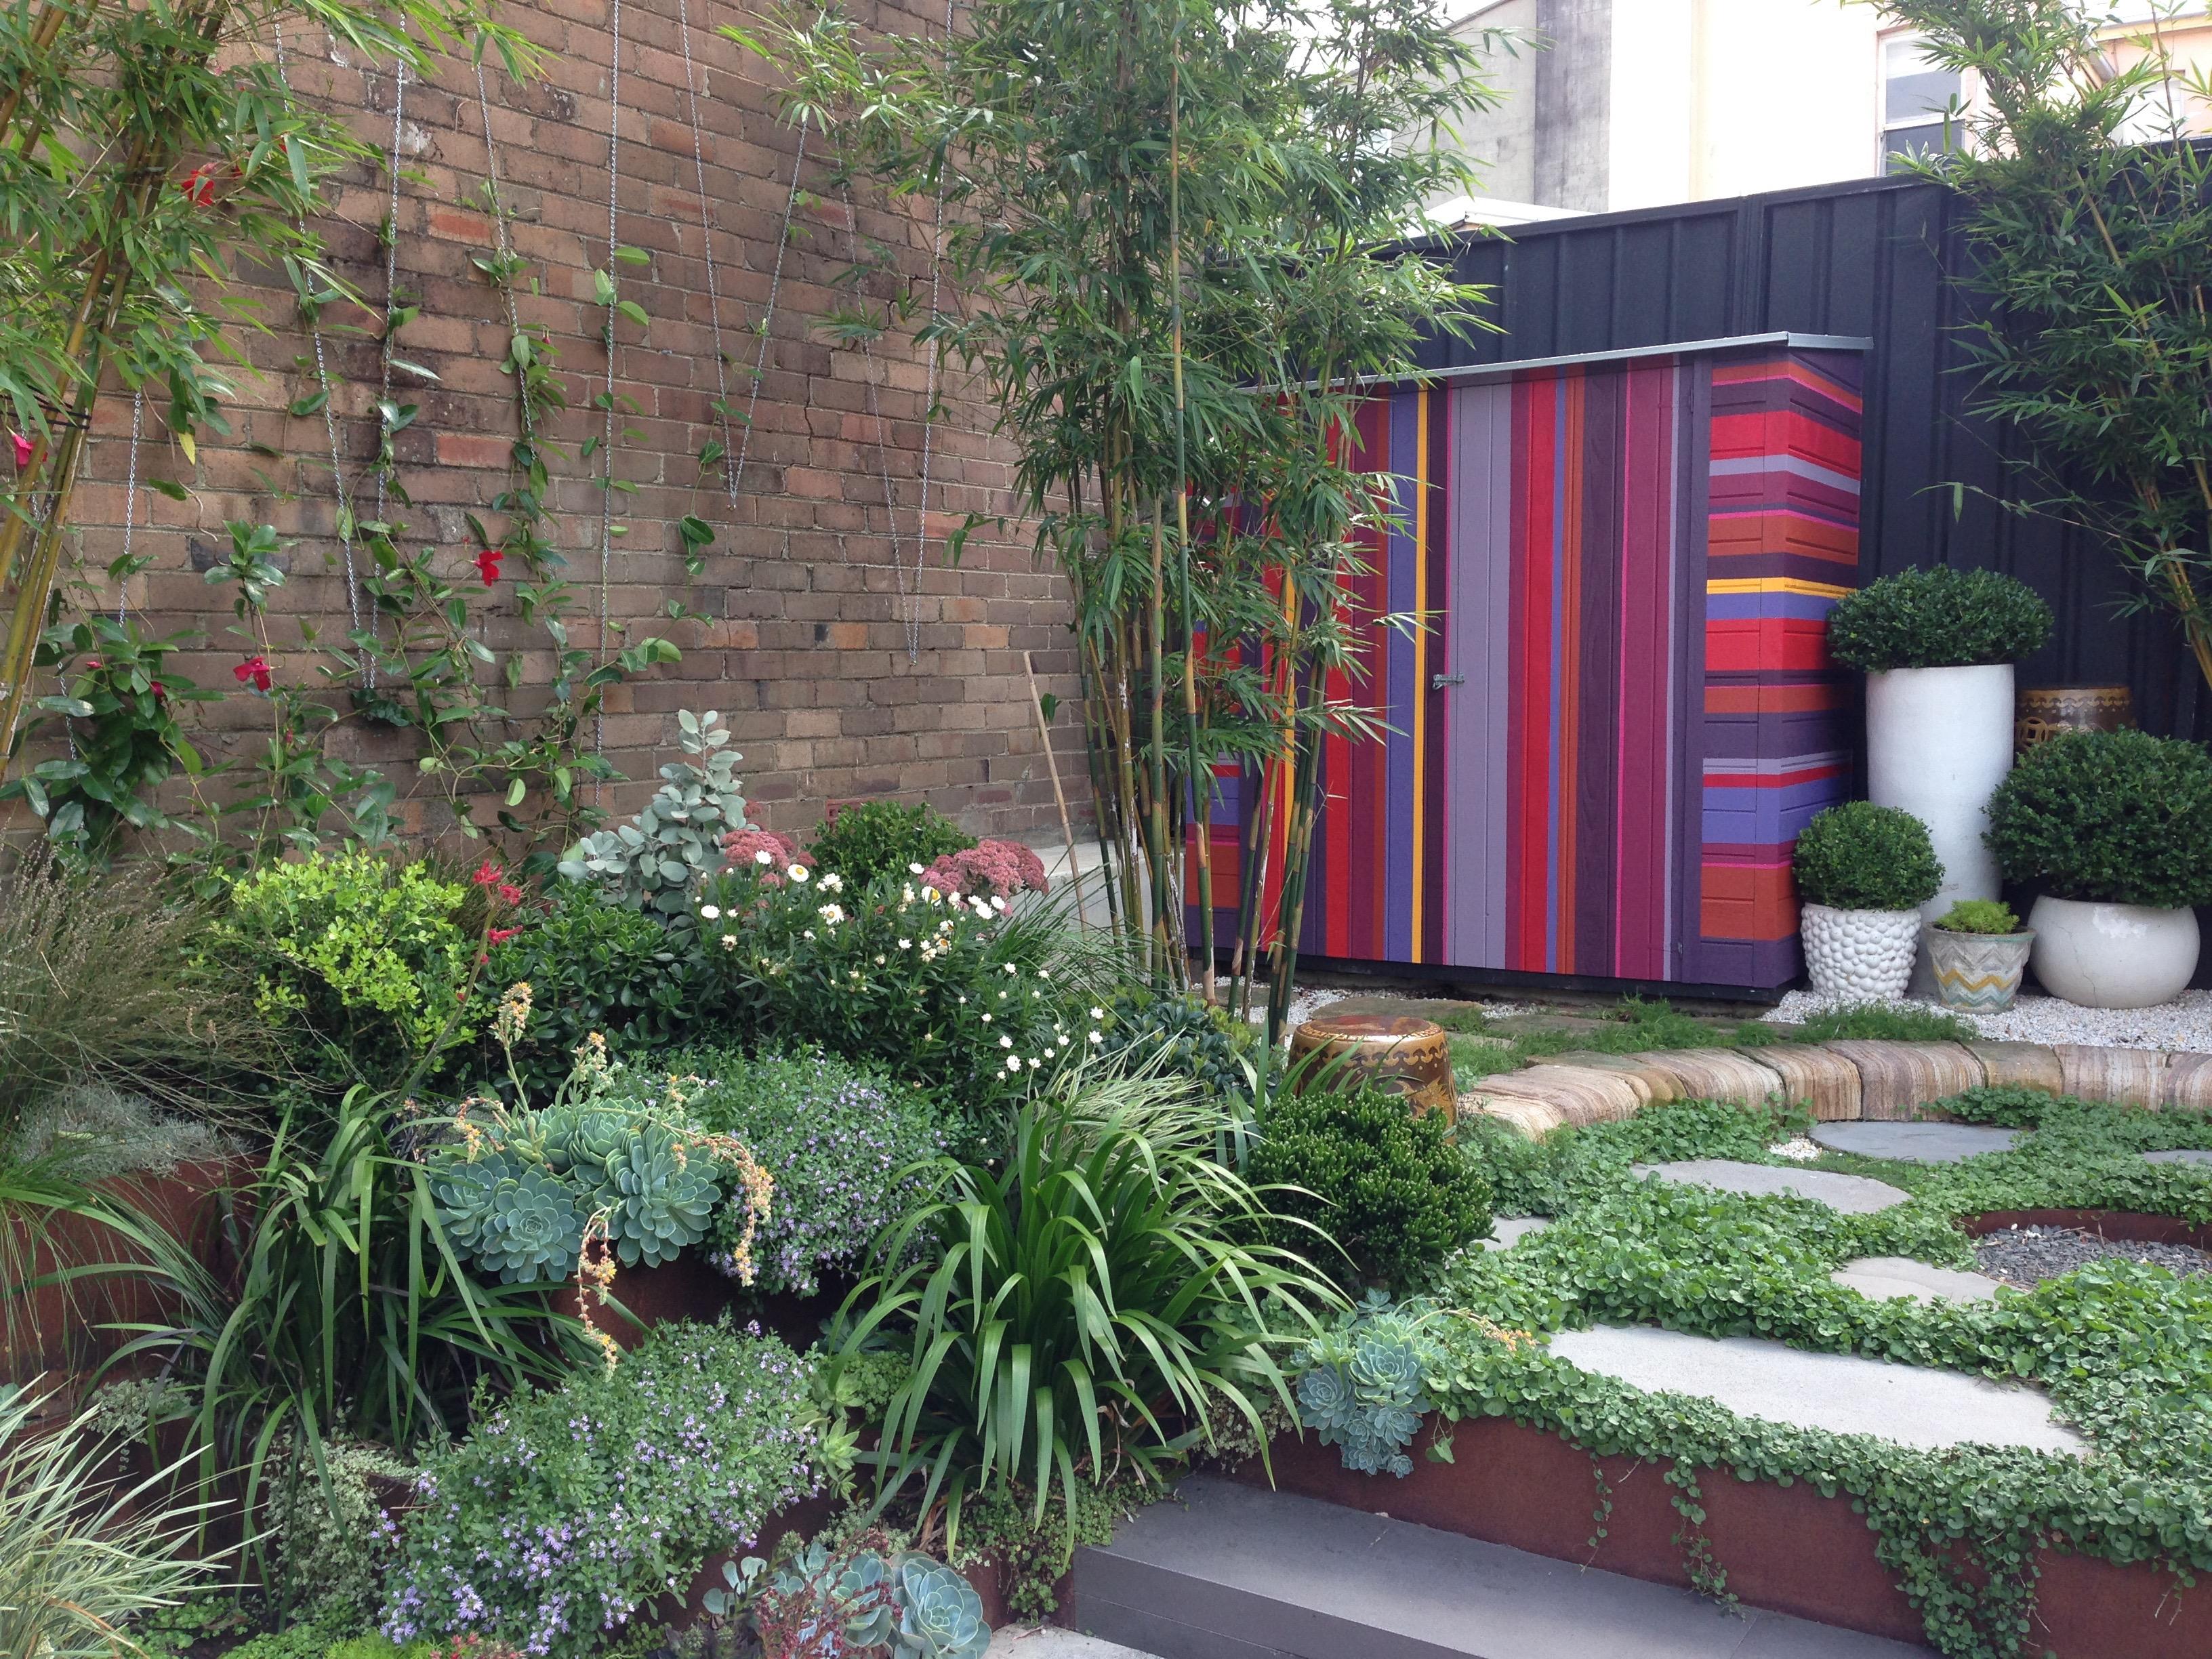 Foto caseta de jard n de maribel mart nez 1474602 for Caseta herramientas jardin